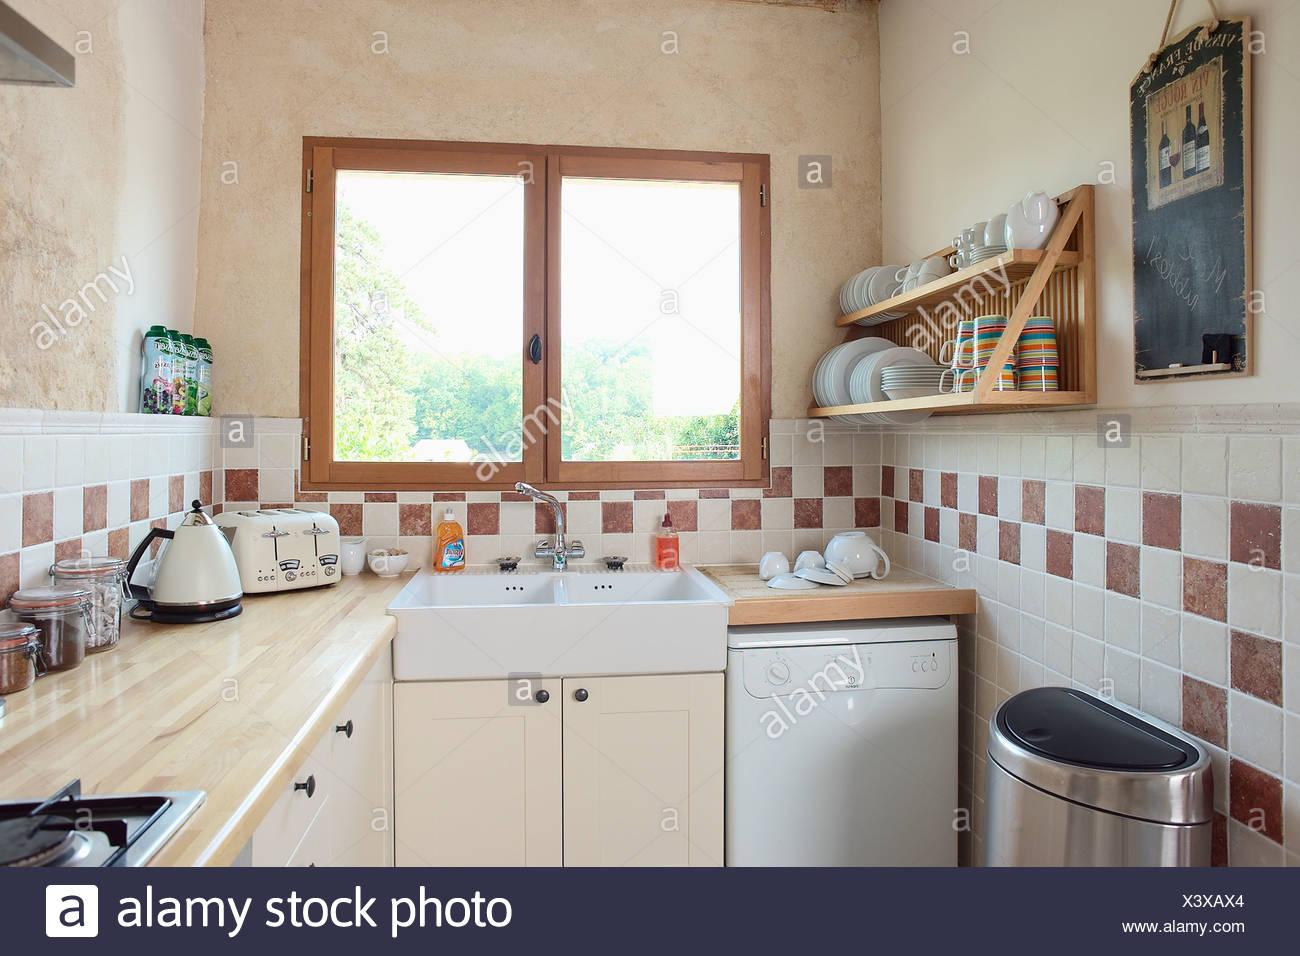 Finestra sopra lavello e lavastoviglie in economia piccola cucina